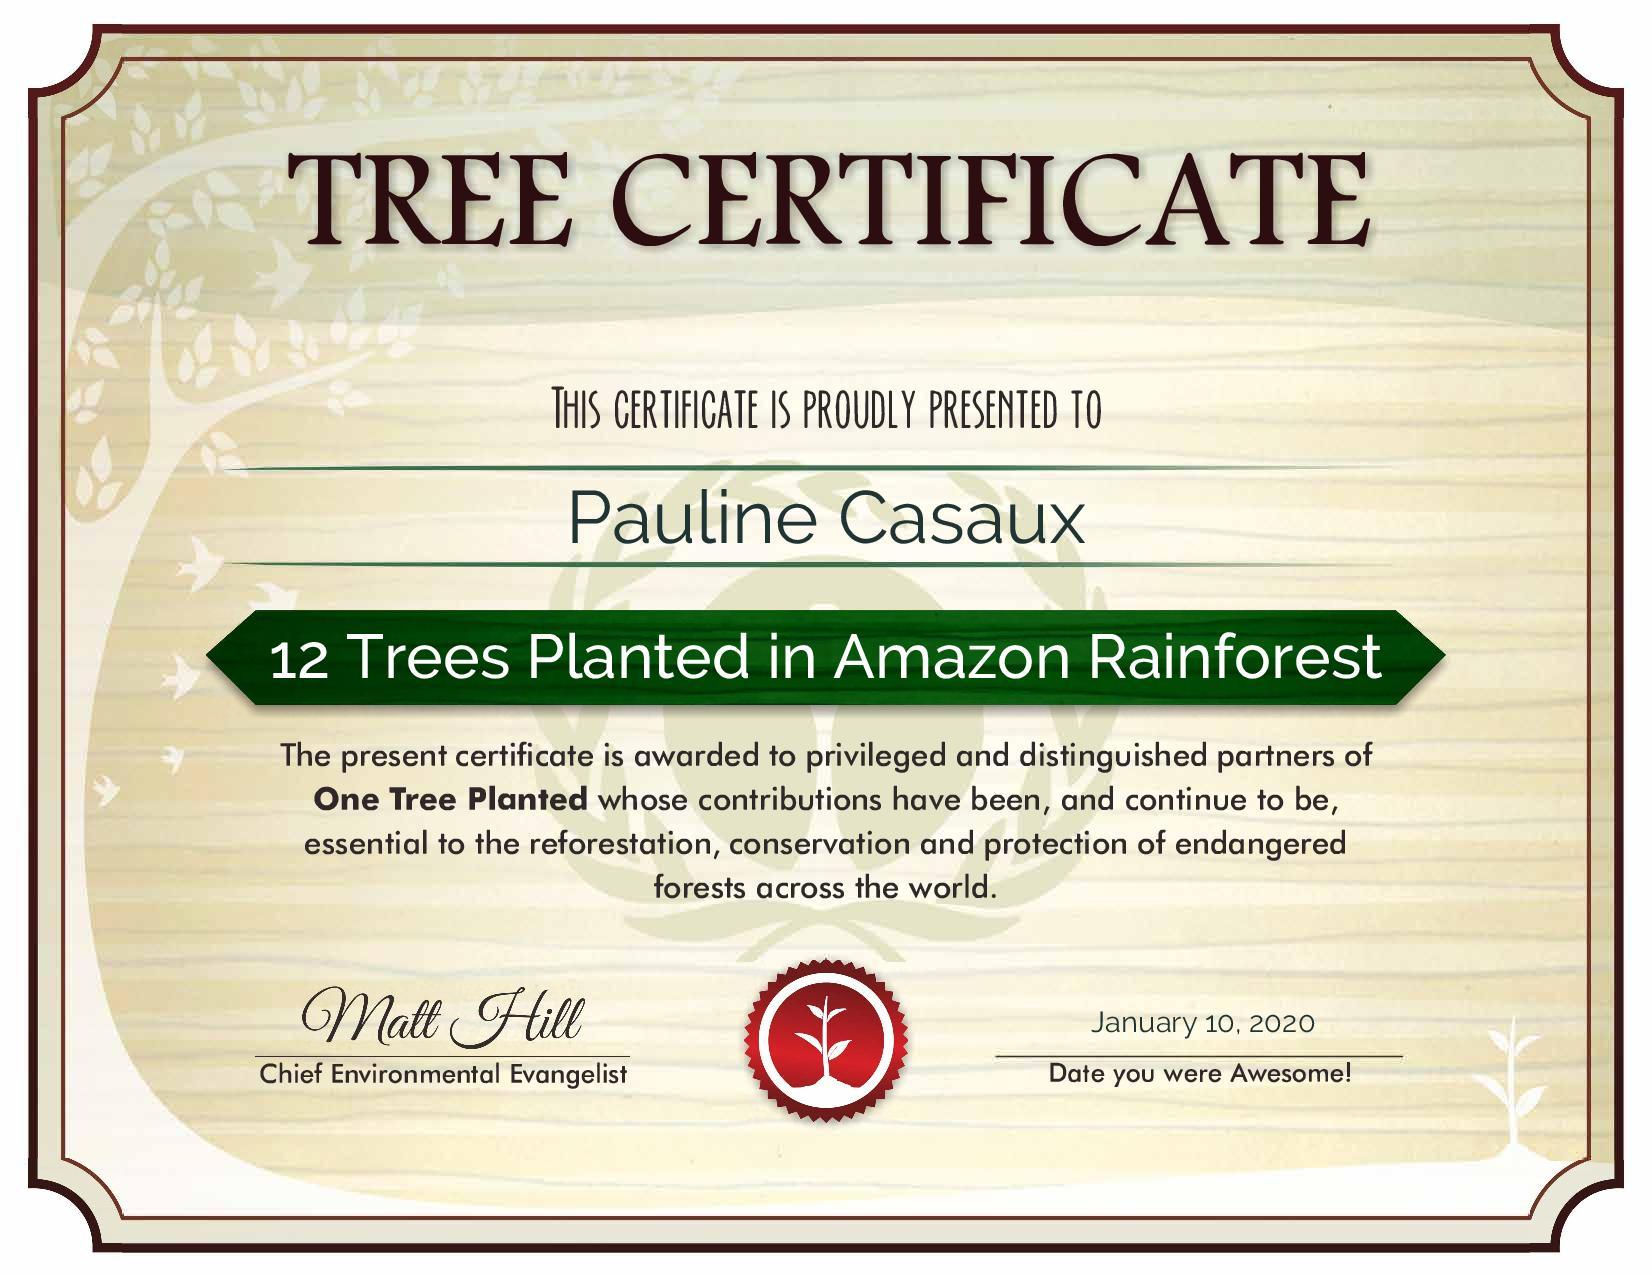 certificat reforestation amazonie planter arbres pérou